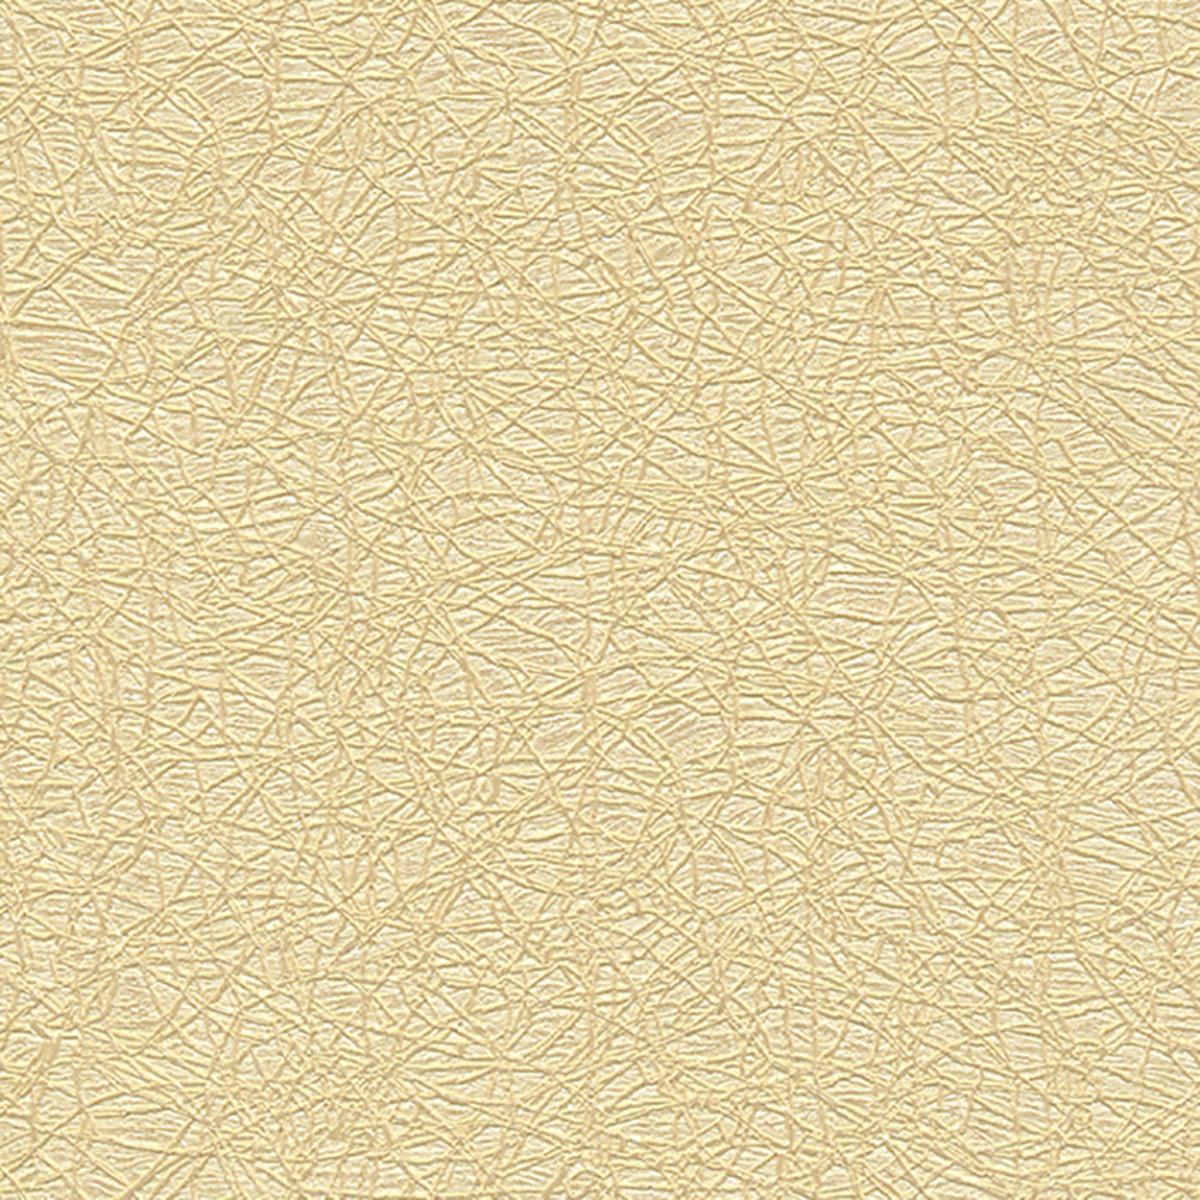 Обои виниловые Shinhan Wallcoverings золотые 1.06 м 88290-3